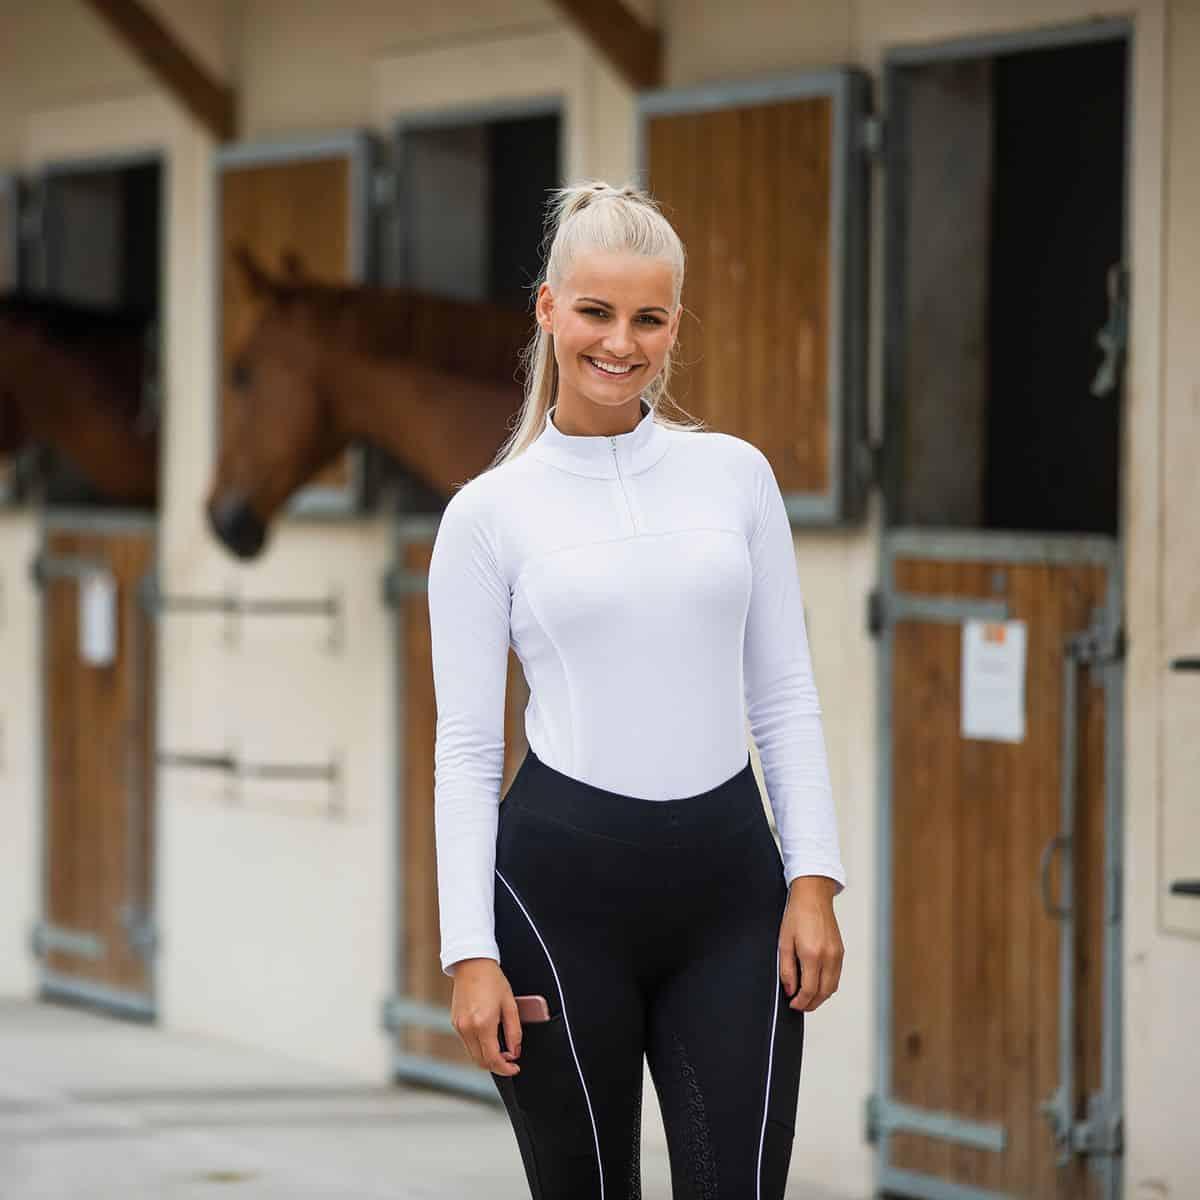 En ridetrøje er let, åndbar, fleksibel og dermed idéel til ridning